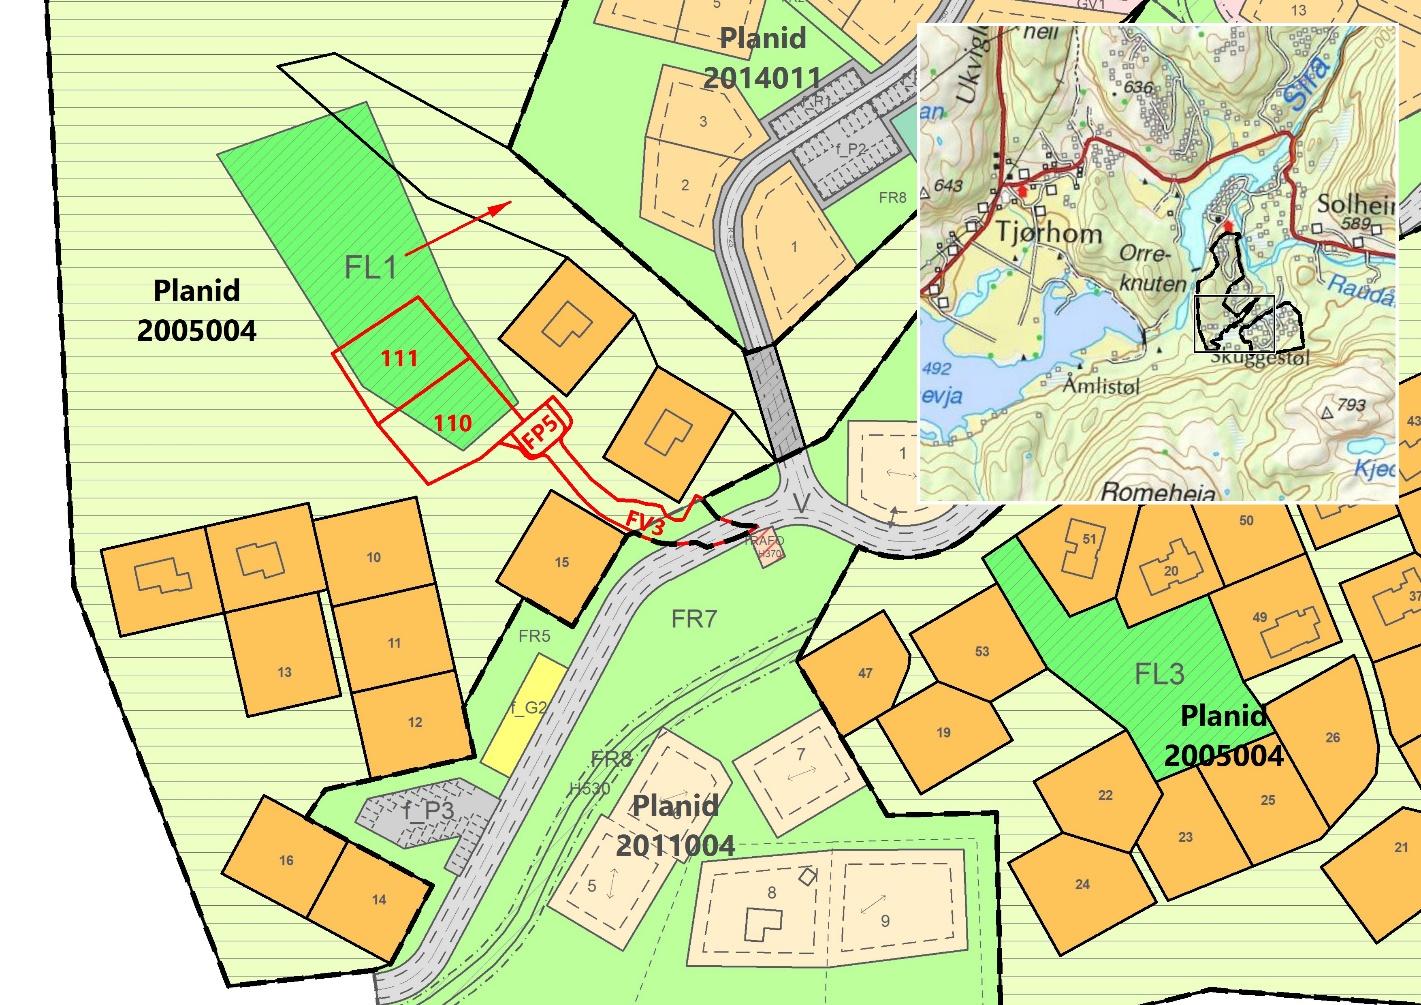 Fig 2: Nye elementer i sør vist med rødt omriss. Dette omfatter tomtene 110-111, vei FV3 og p-areal FP5. Rød pil viser flytting av berørt lekeareal. Det gjøres oppmerksom på at eksisterende vei innenfor tilgrensende plan 2011004 ligger noe lenger mot sør enn det som fremgår av kartet.